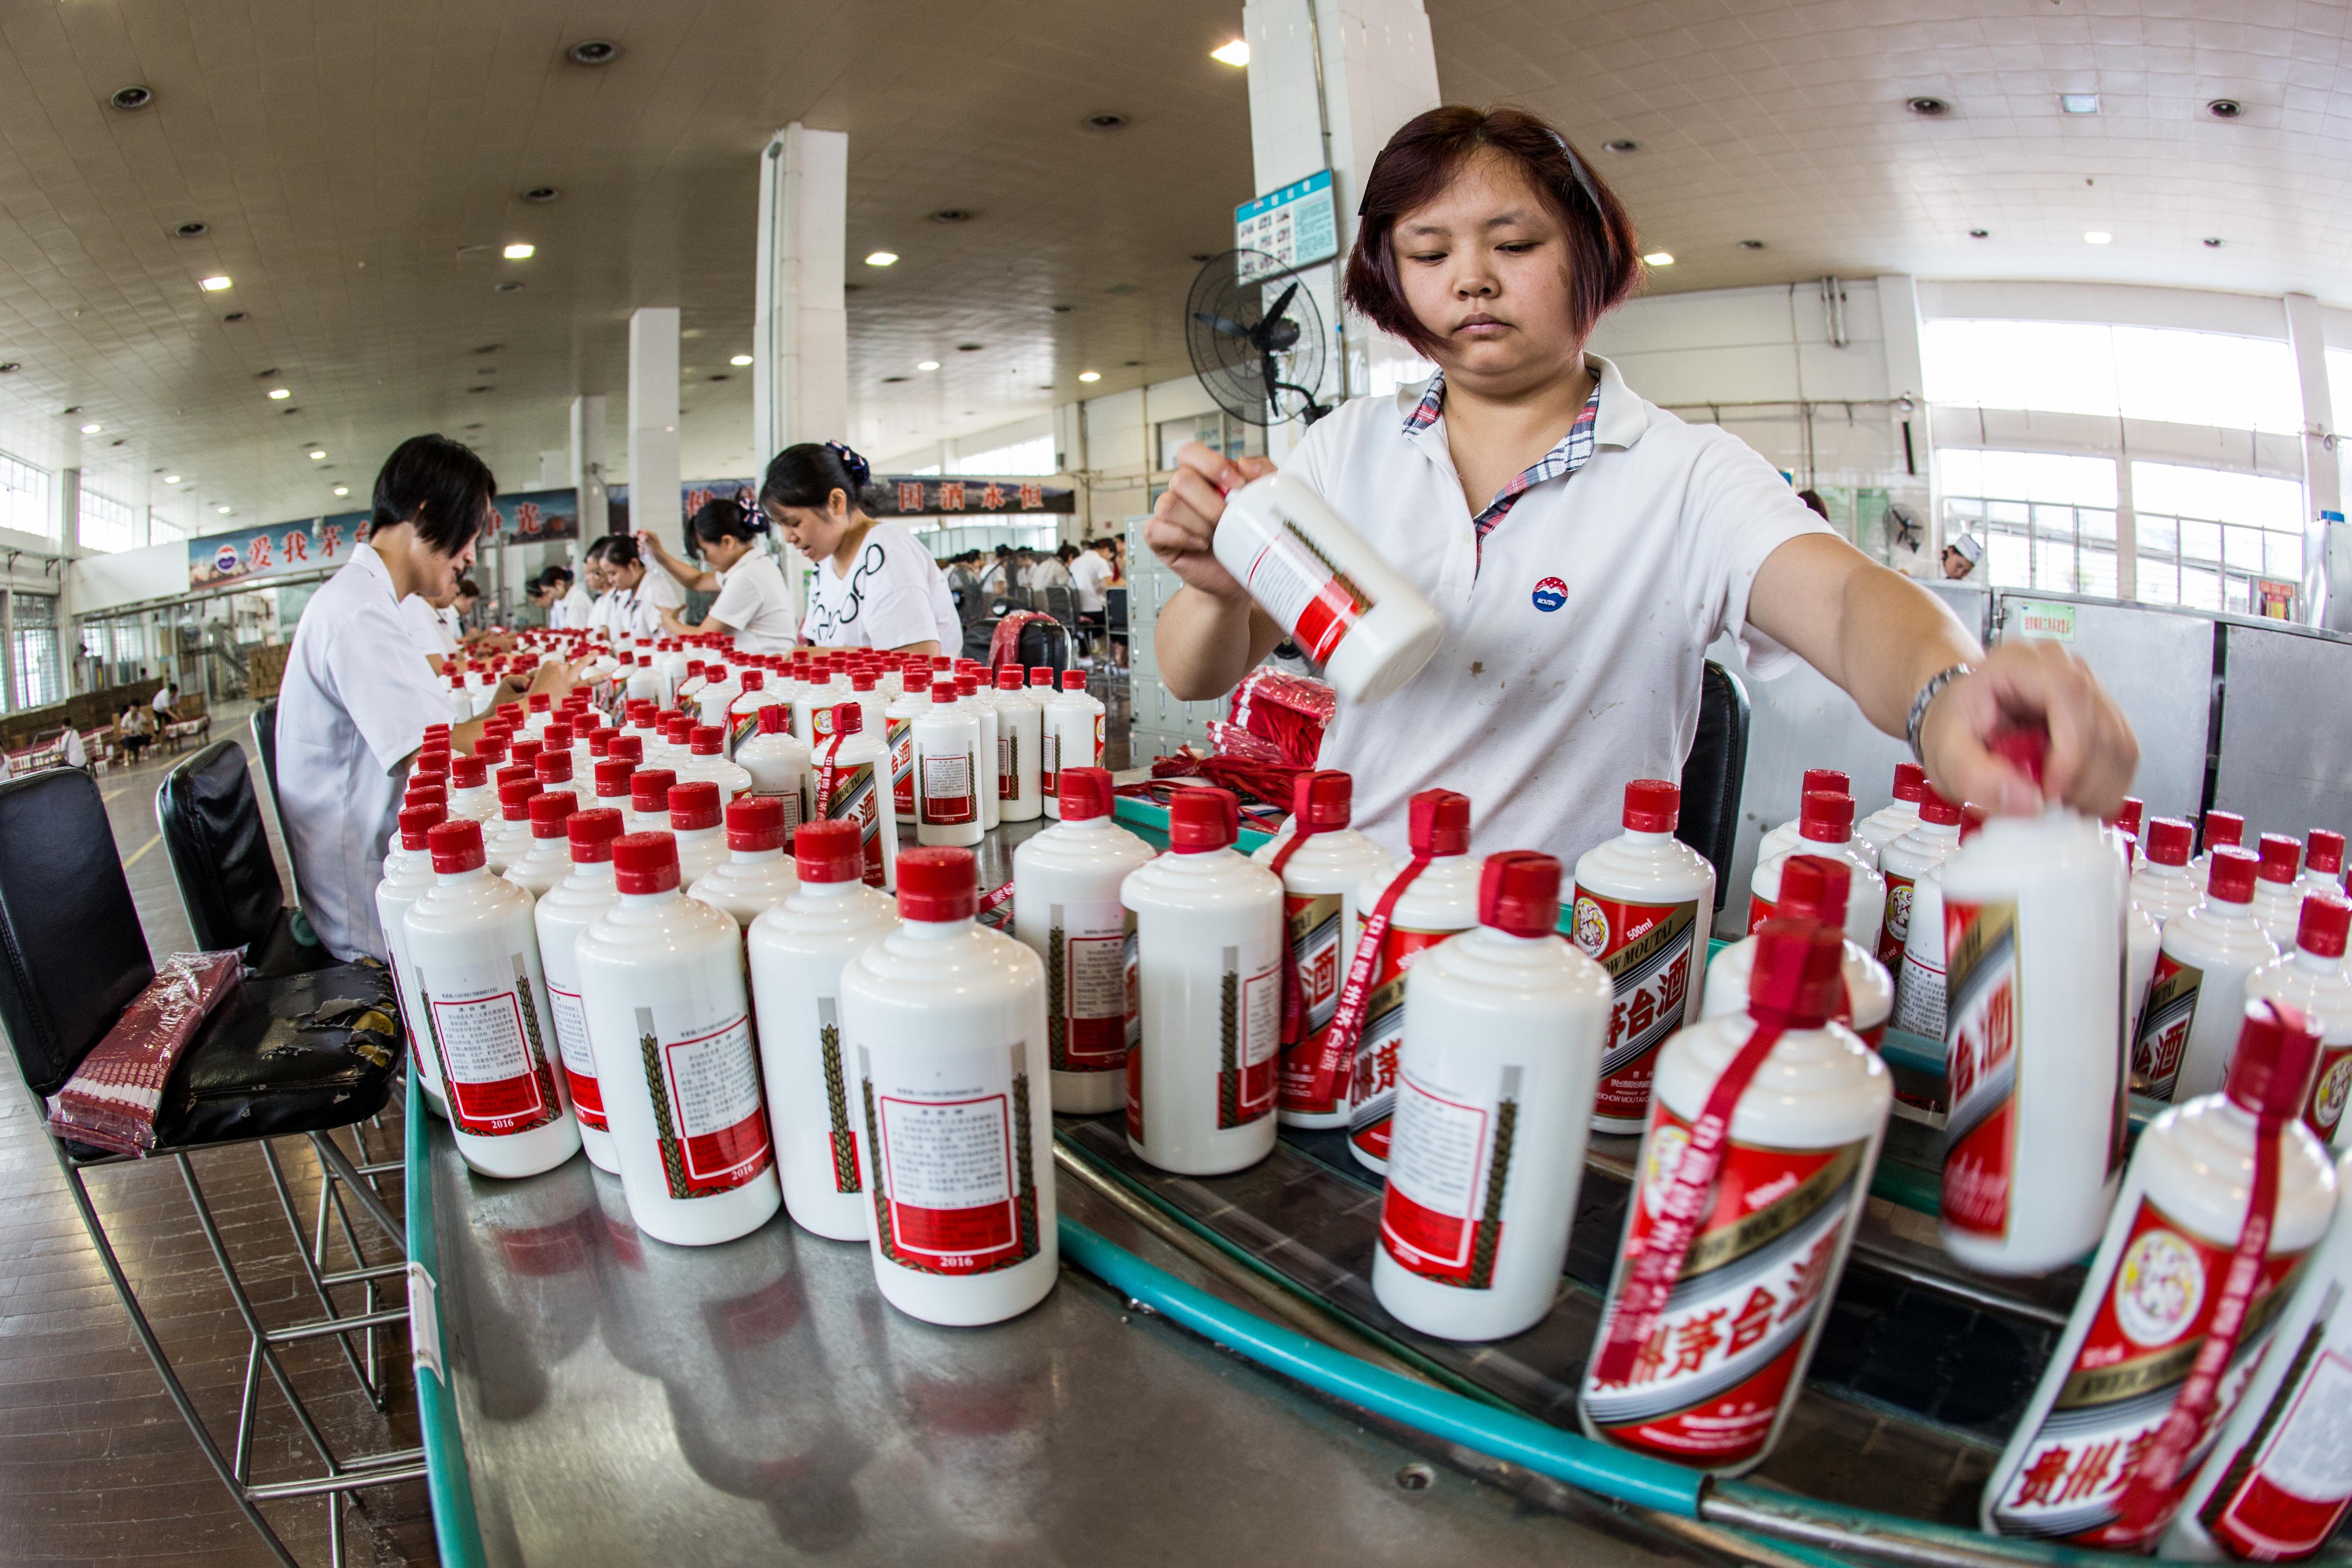 Magányos emberek 450 ezer forintért az életük végéig kaphatják a piát egy kínai cégtől